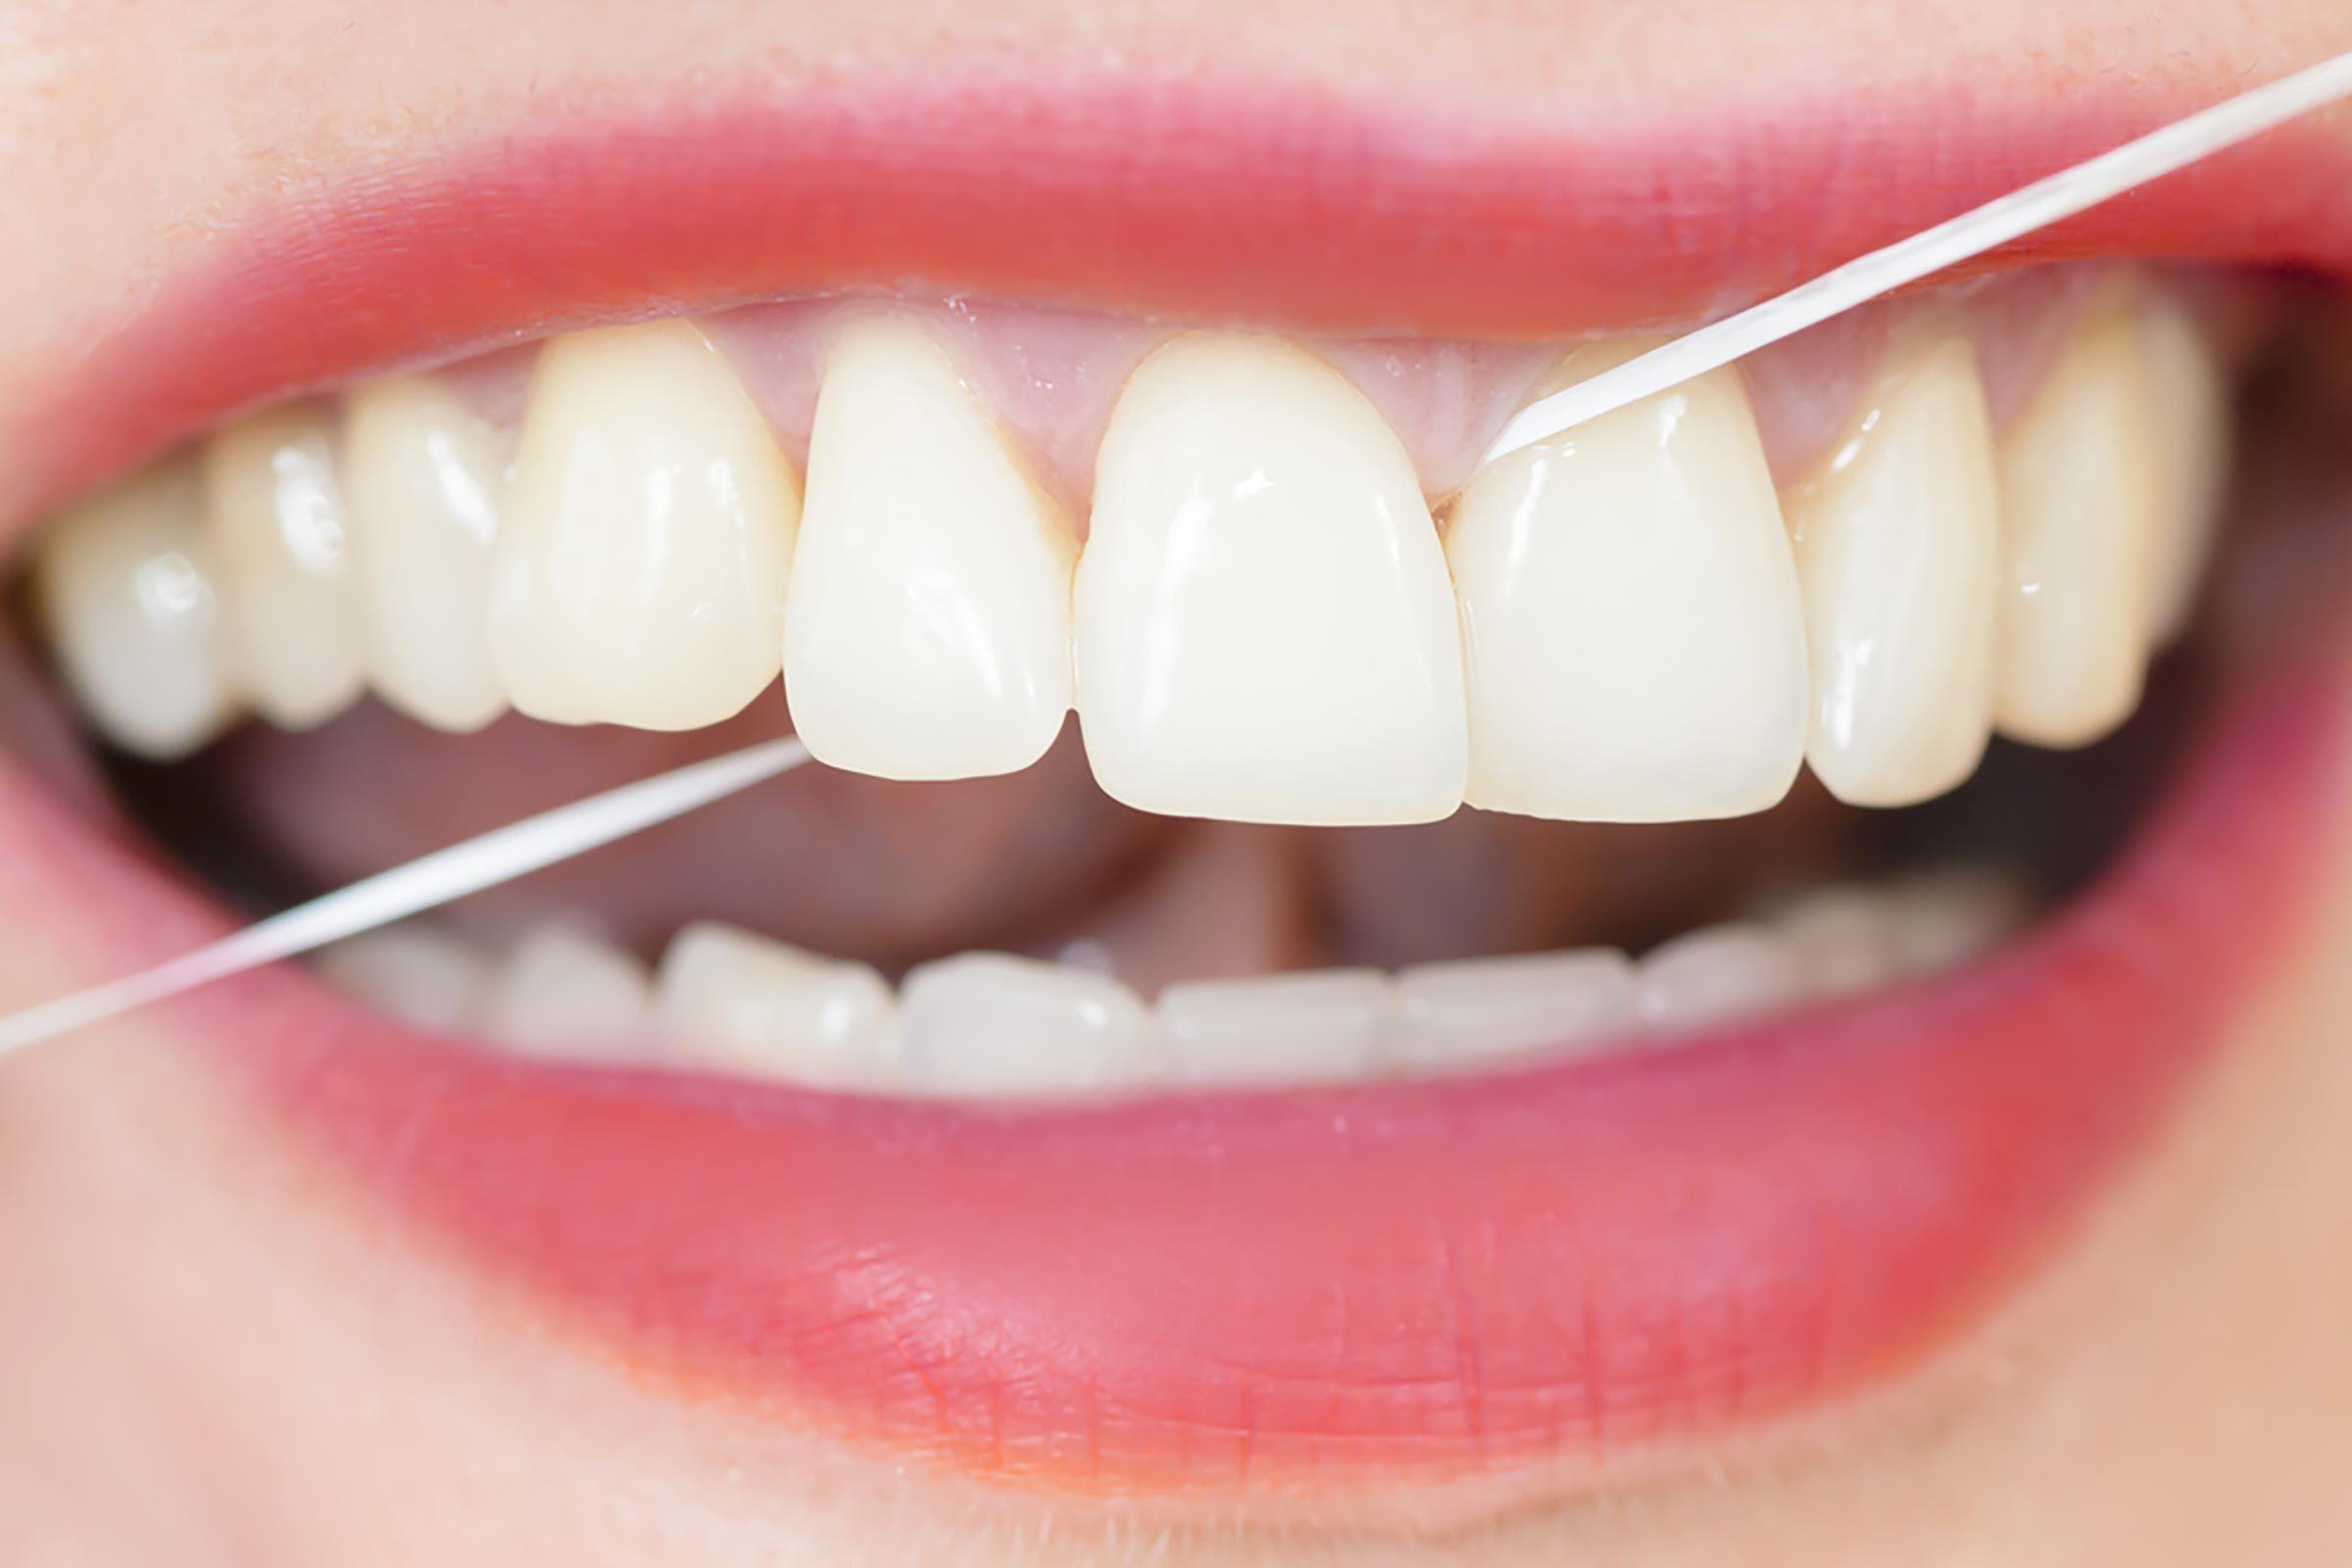 Conseil santé : passer la soie dentaire chaque soir